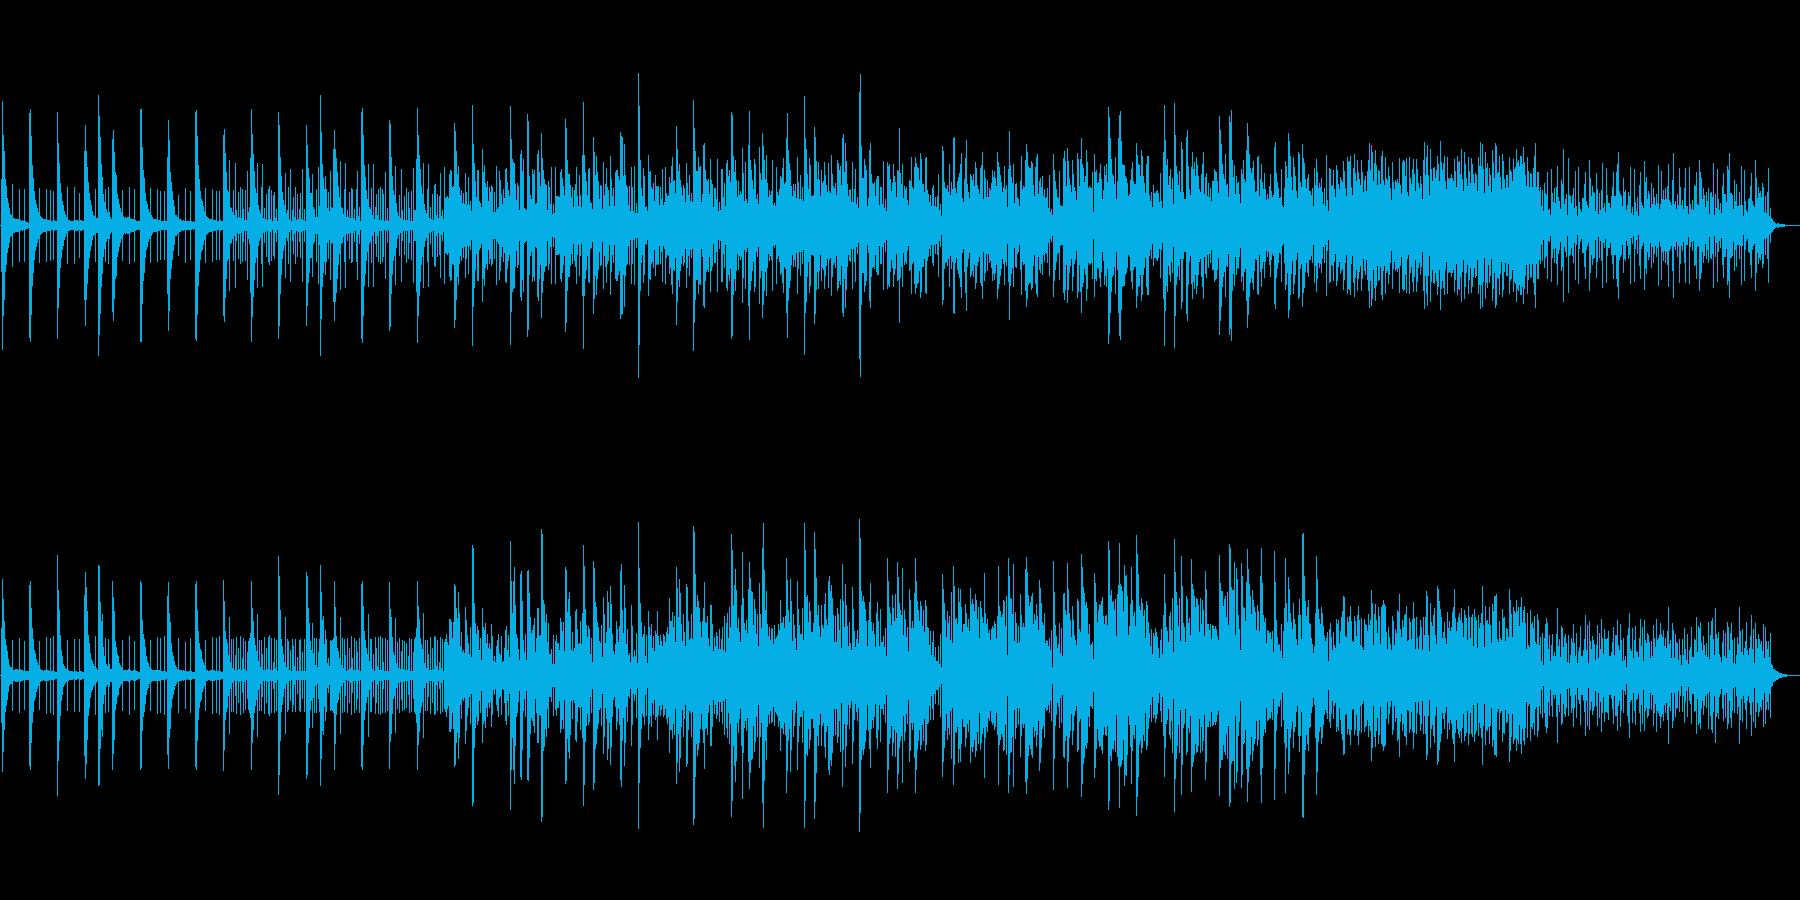 ピアノがメインの雨をイメージしたBGMの再生済みの波形